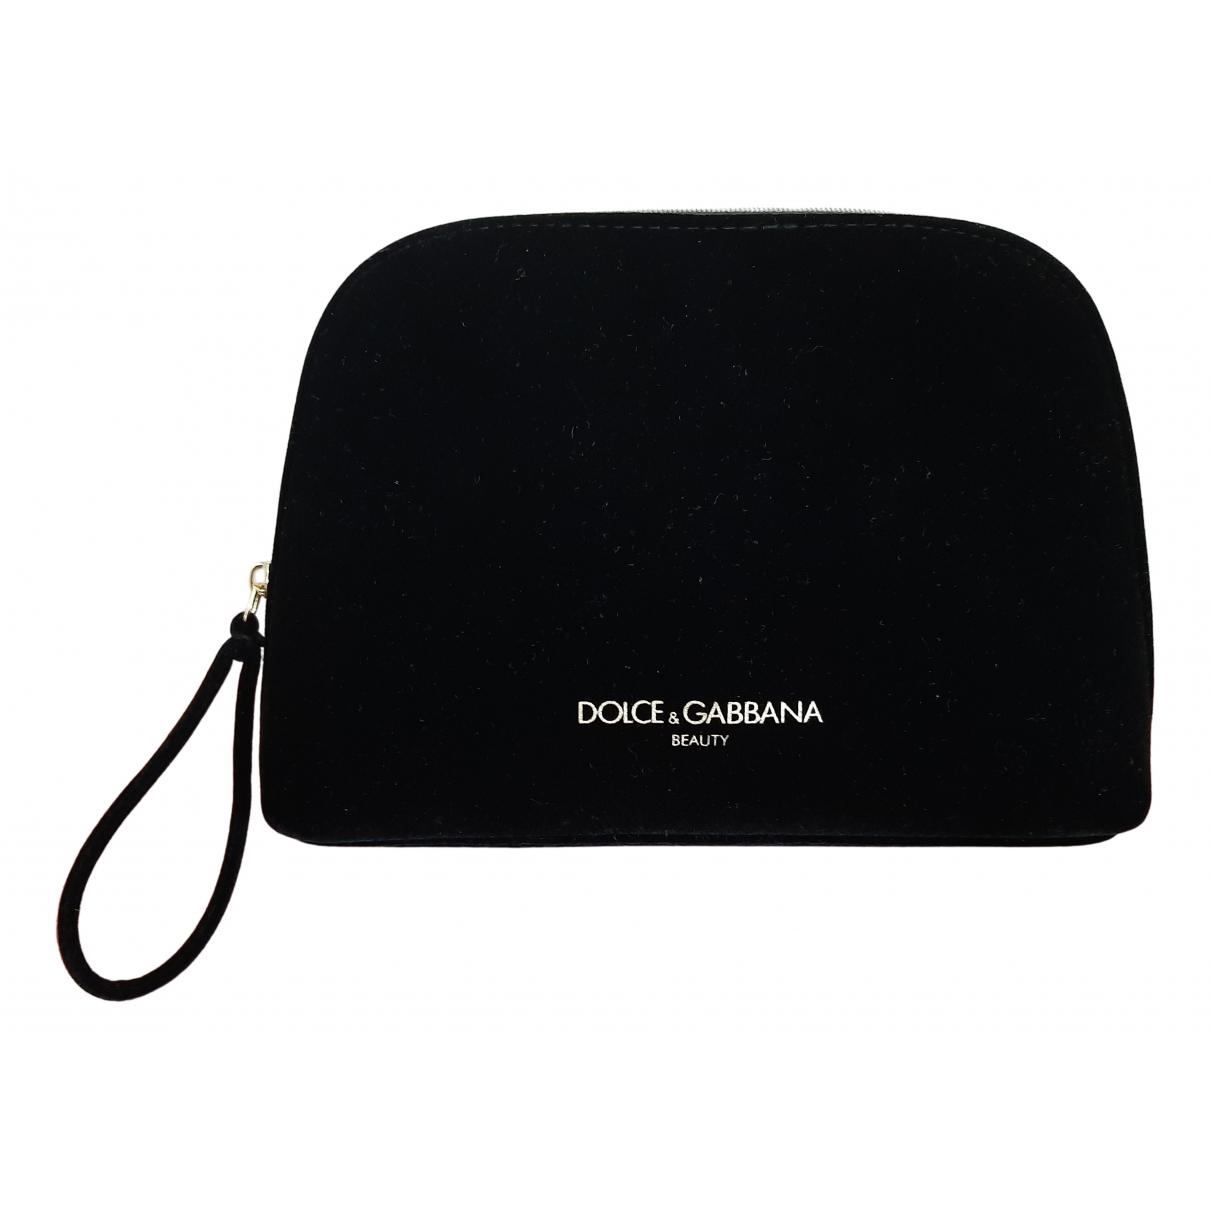 Dolce & Gabbana - Sac de voyage   pour femme en velours - noir